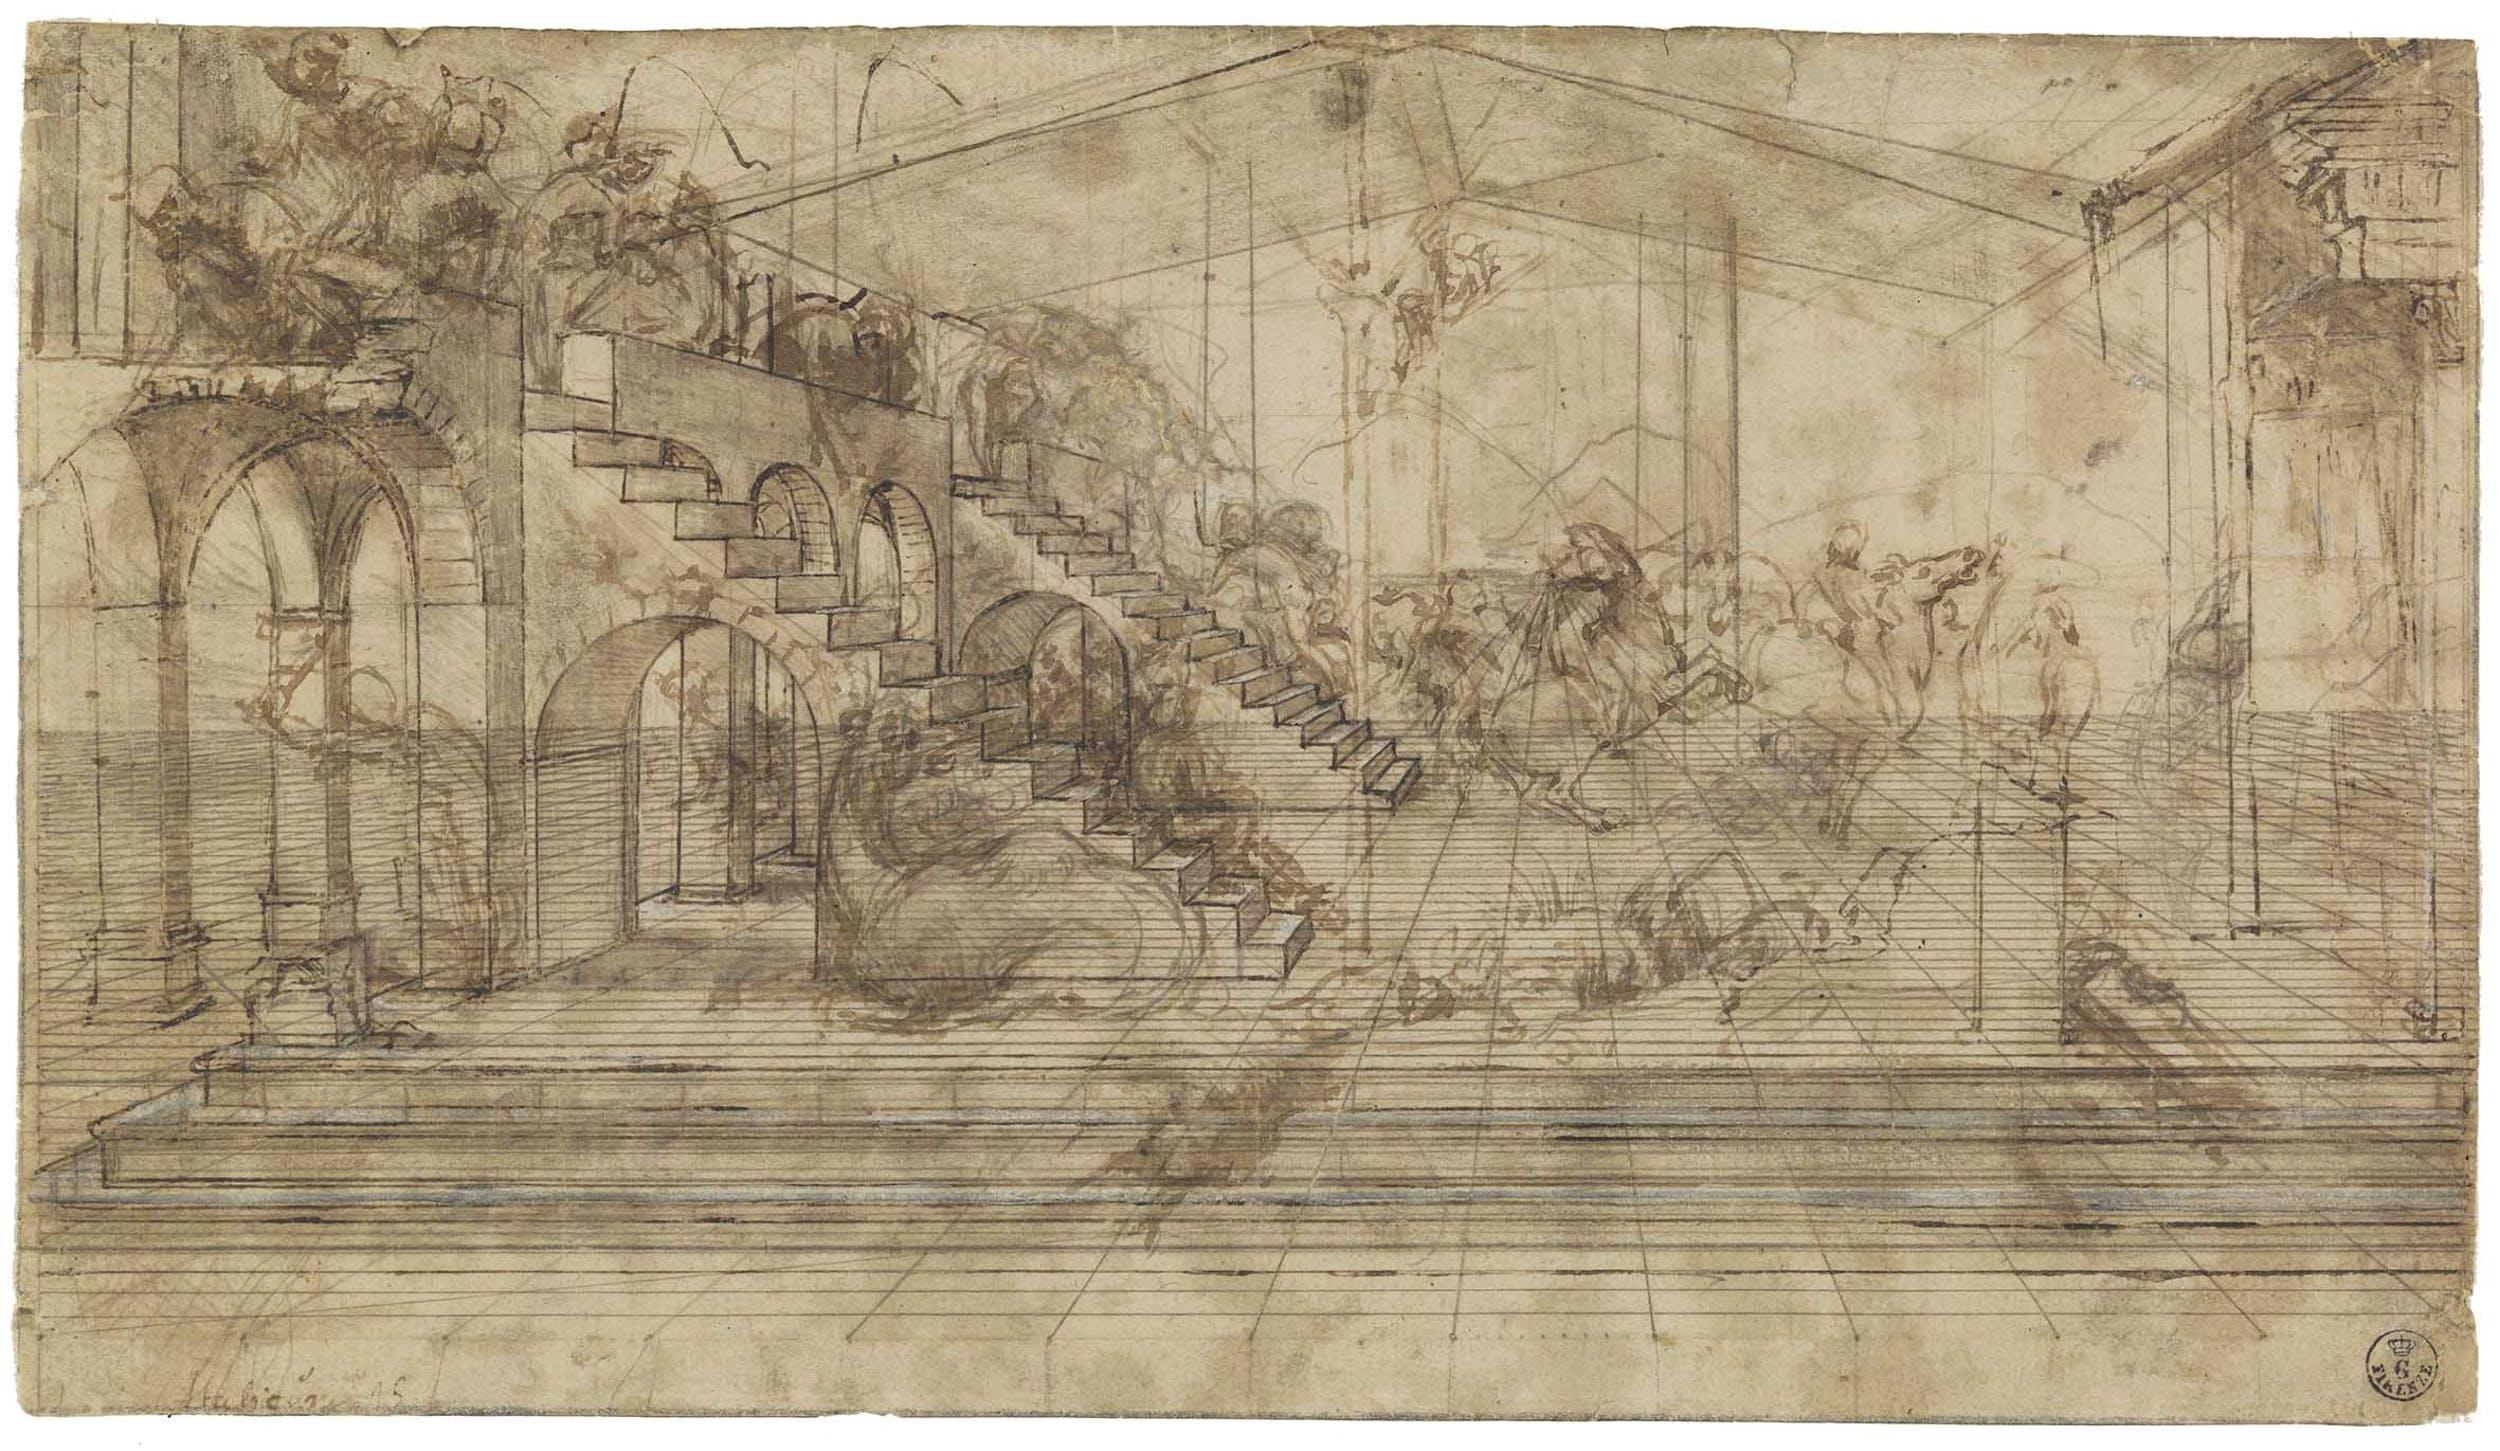 5. Leonardo da Vinci, disegno preparatorio dell'Adorazione dei Magi. Gabinetto Disegni e Stampe degli Uffizi